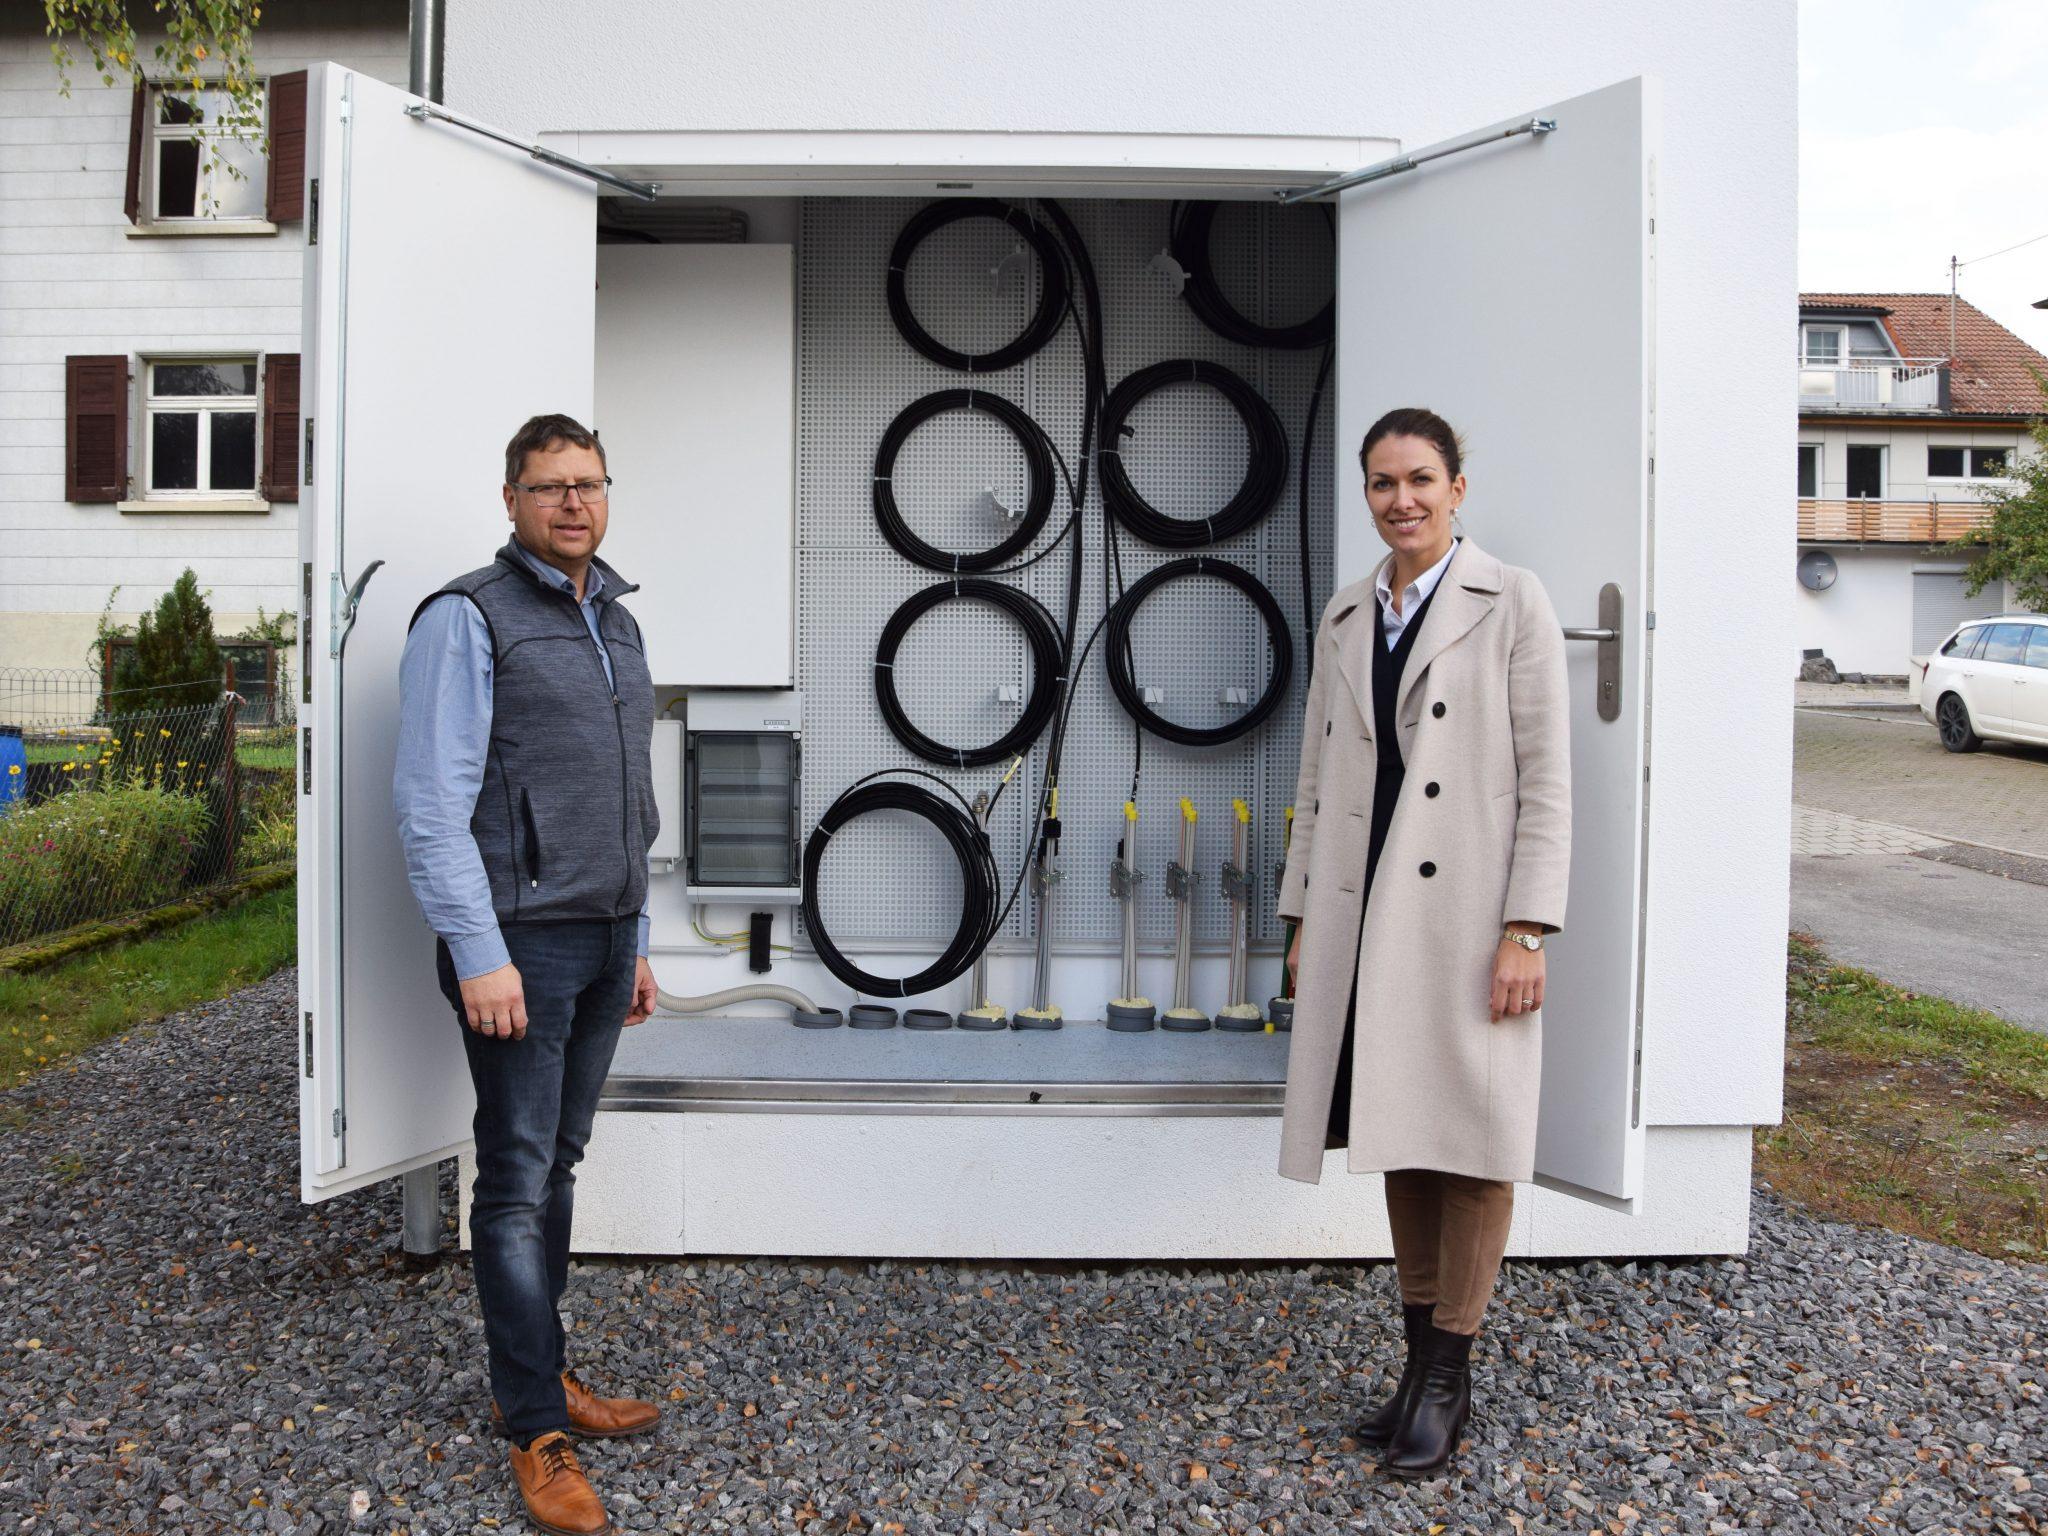 Inbetriebnahme des Glasfasernetzes Ober-/Untermettingen